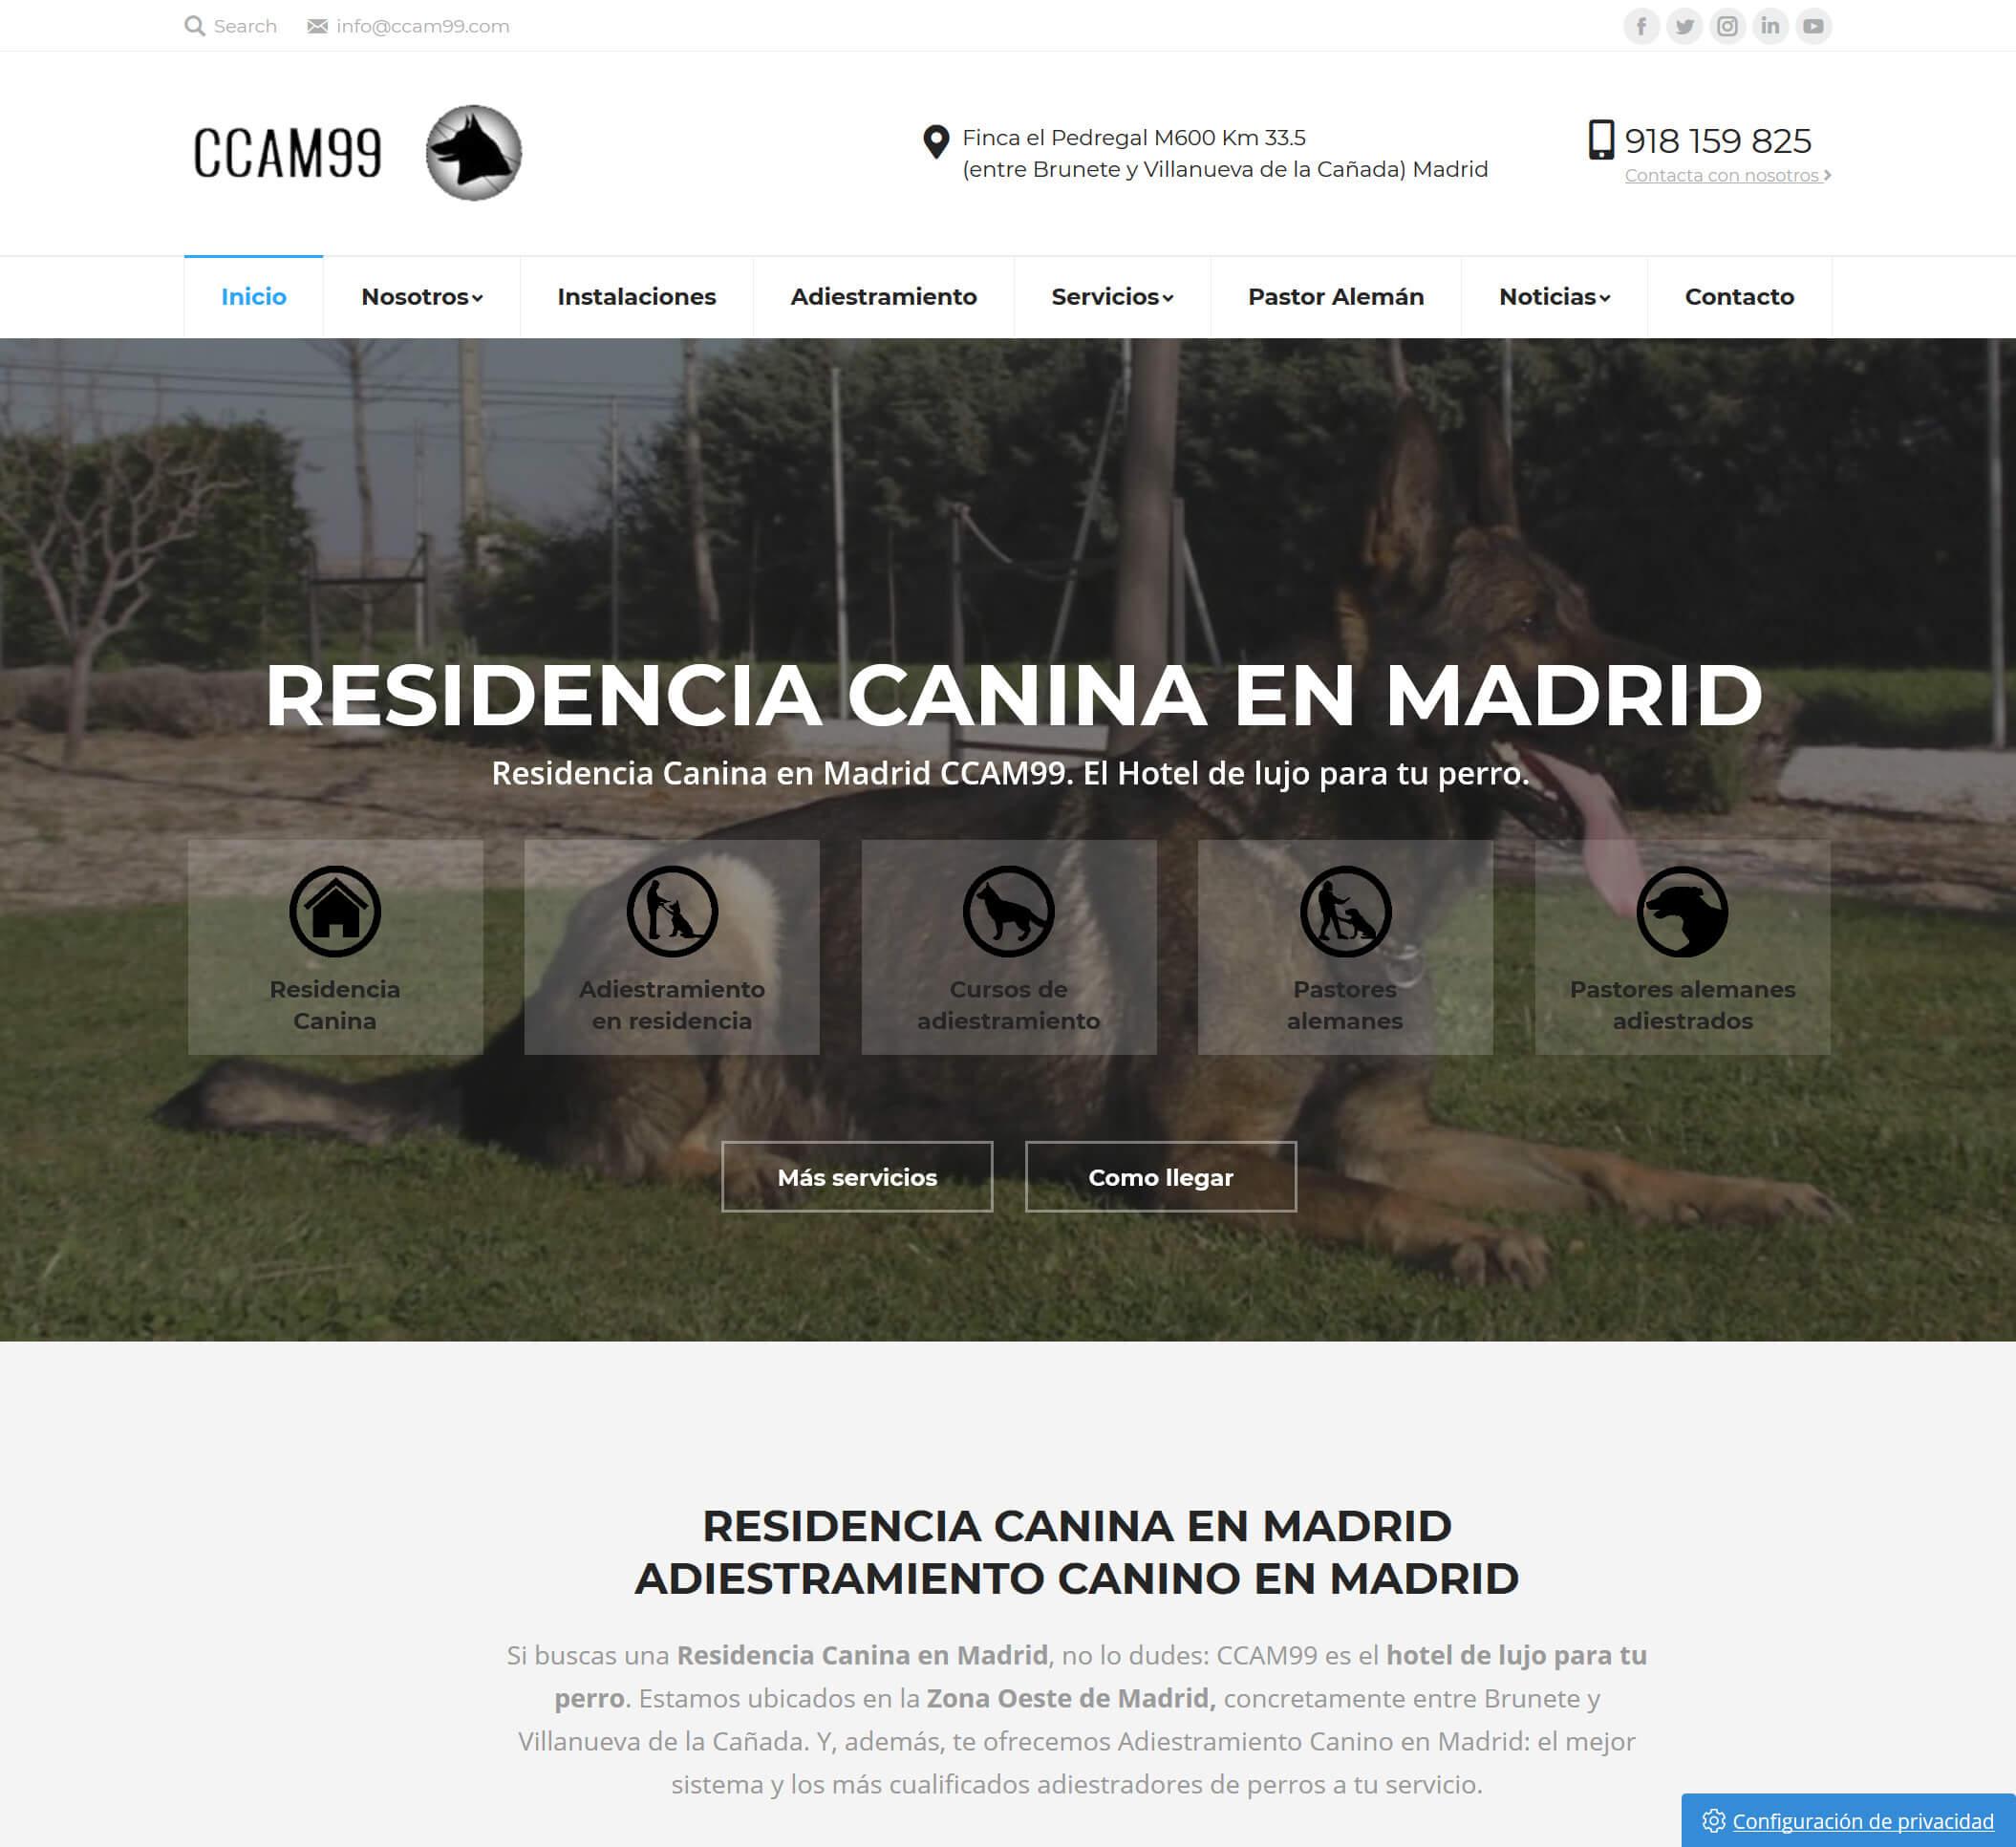 CCAM99